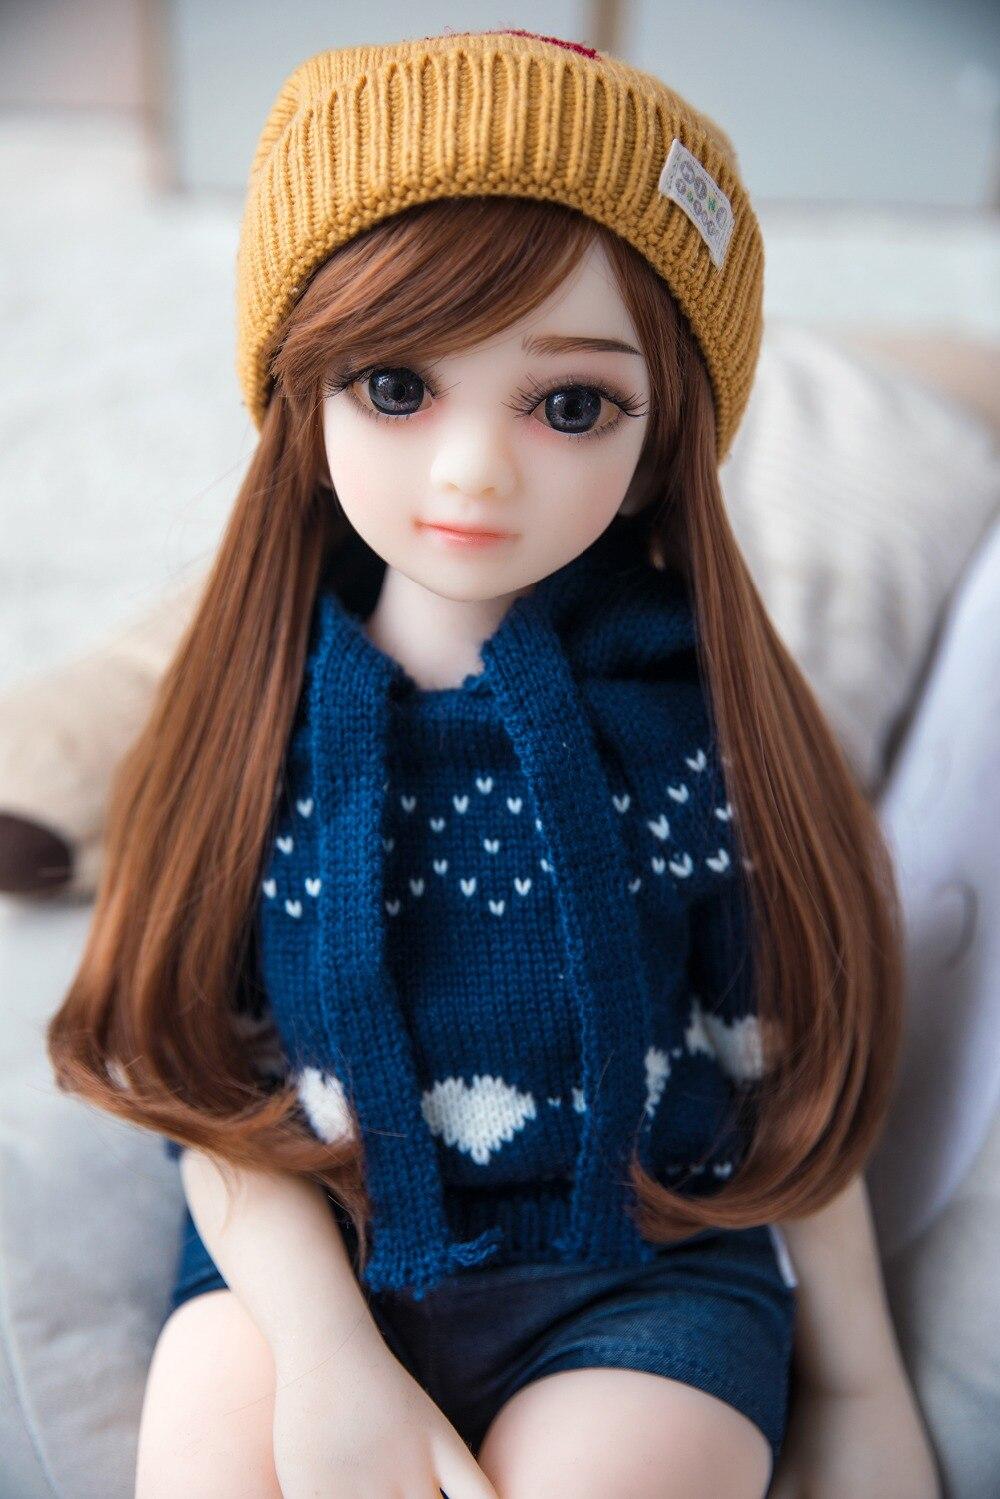 Sexy suave TPE muñeca de silicona 65 cm encantadora cabeza de Anime con vagina real juguetes para adultos para hombres